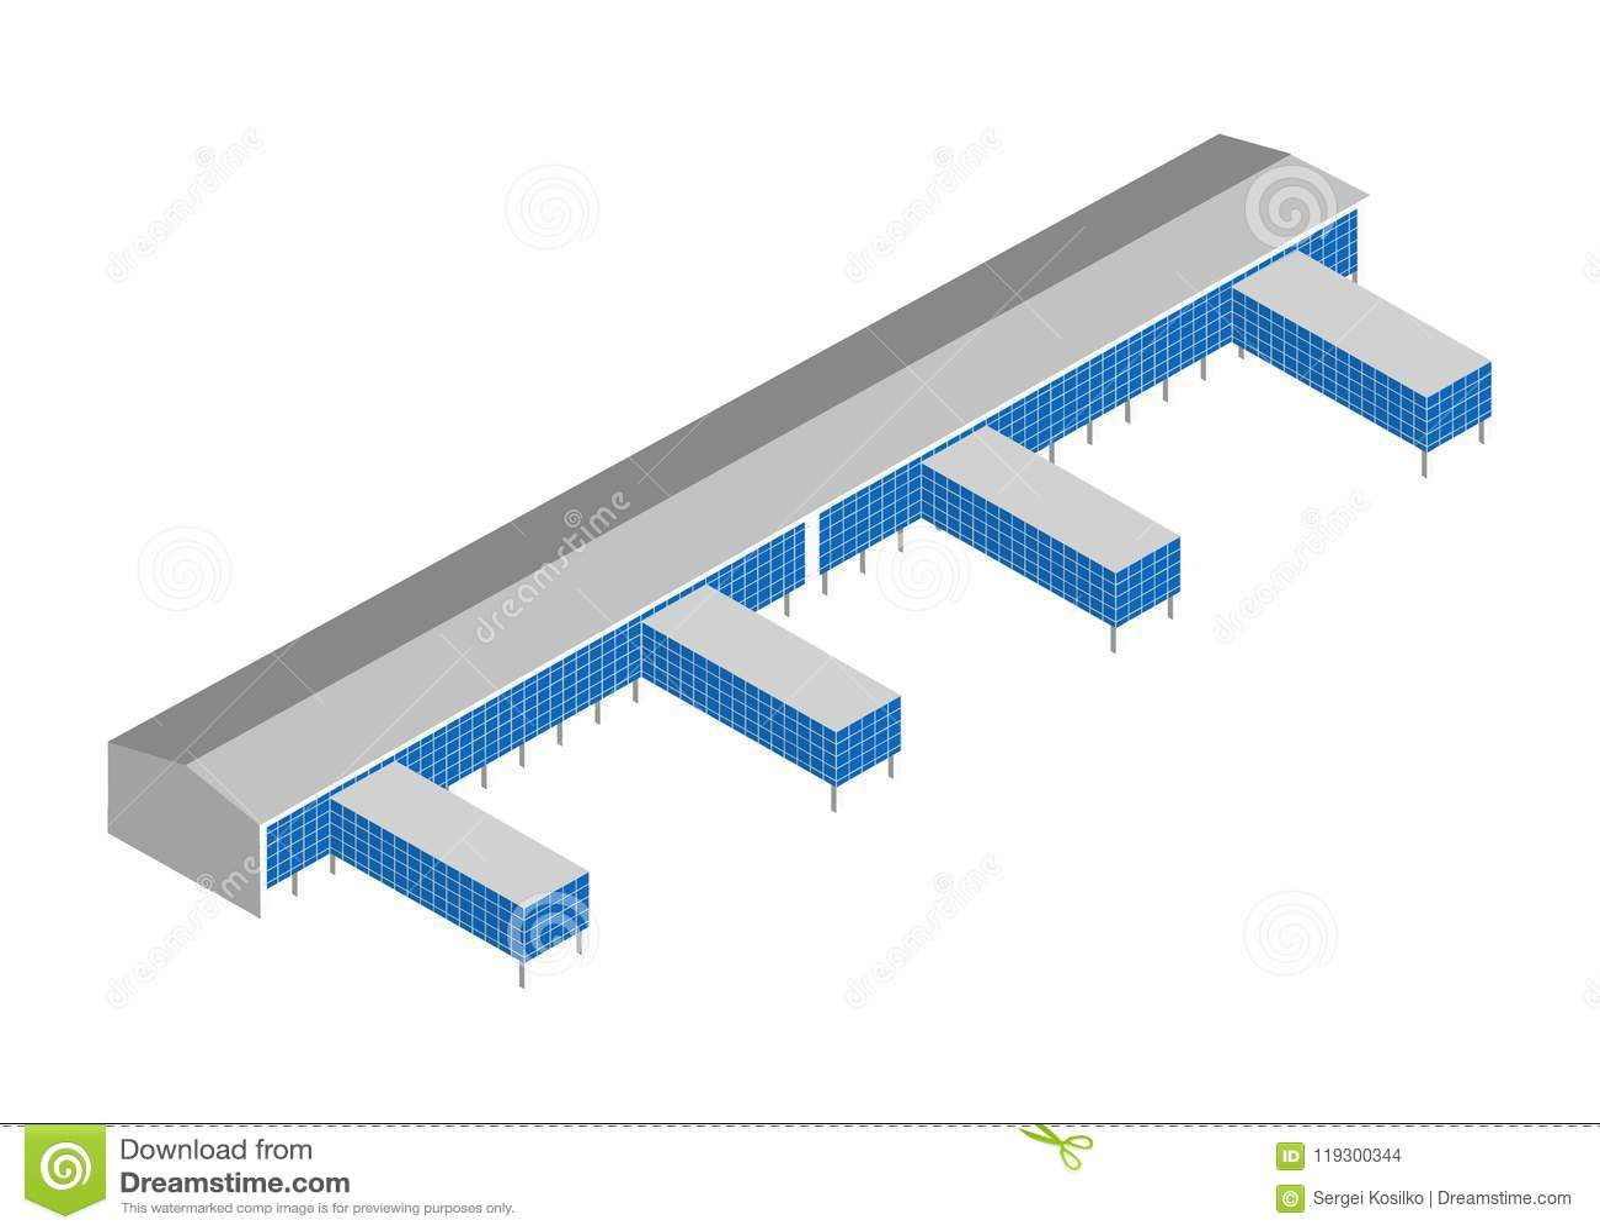 Isometrisch pictogram met de bouw van het havenpakhuis